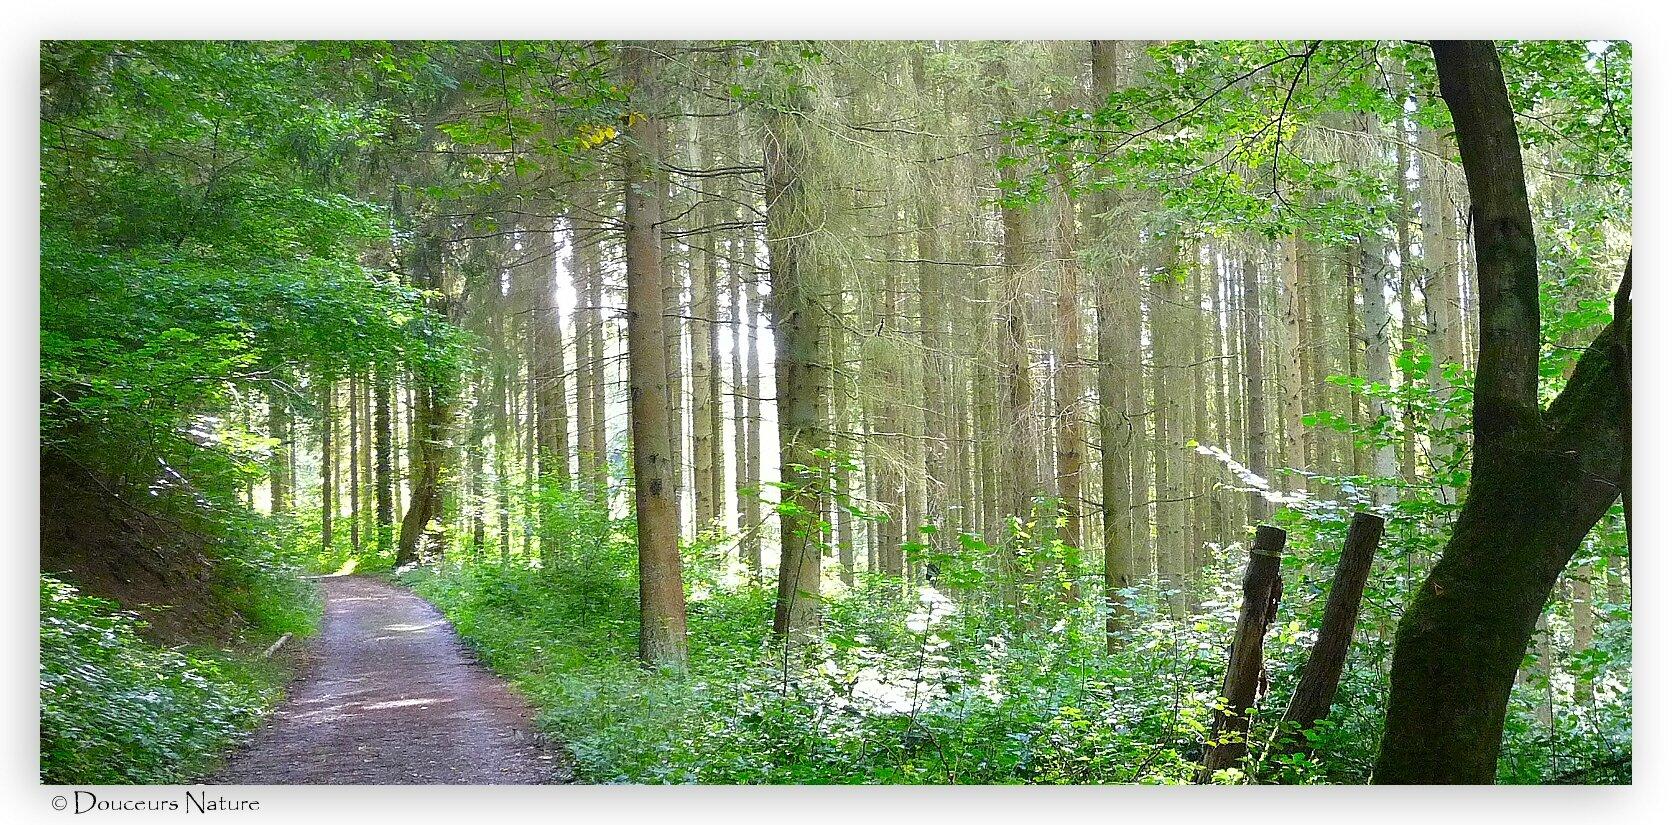 Le chemin, dans la forêt